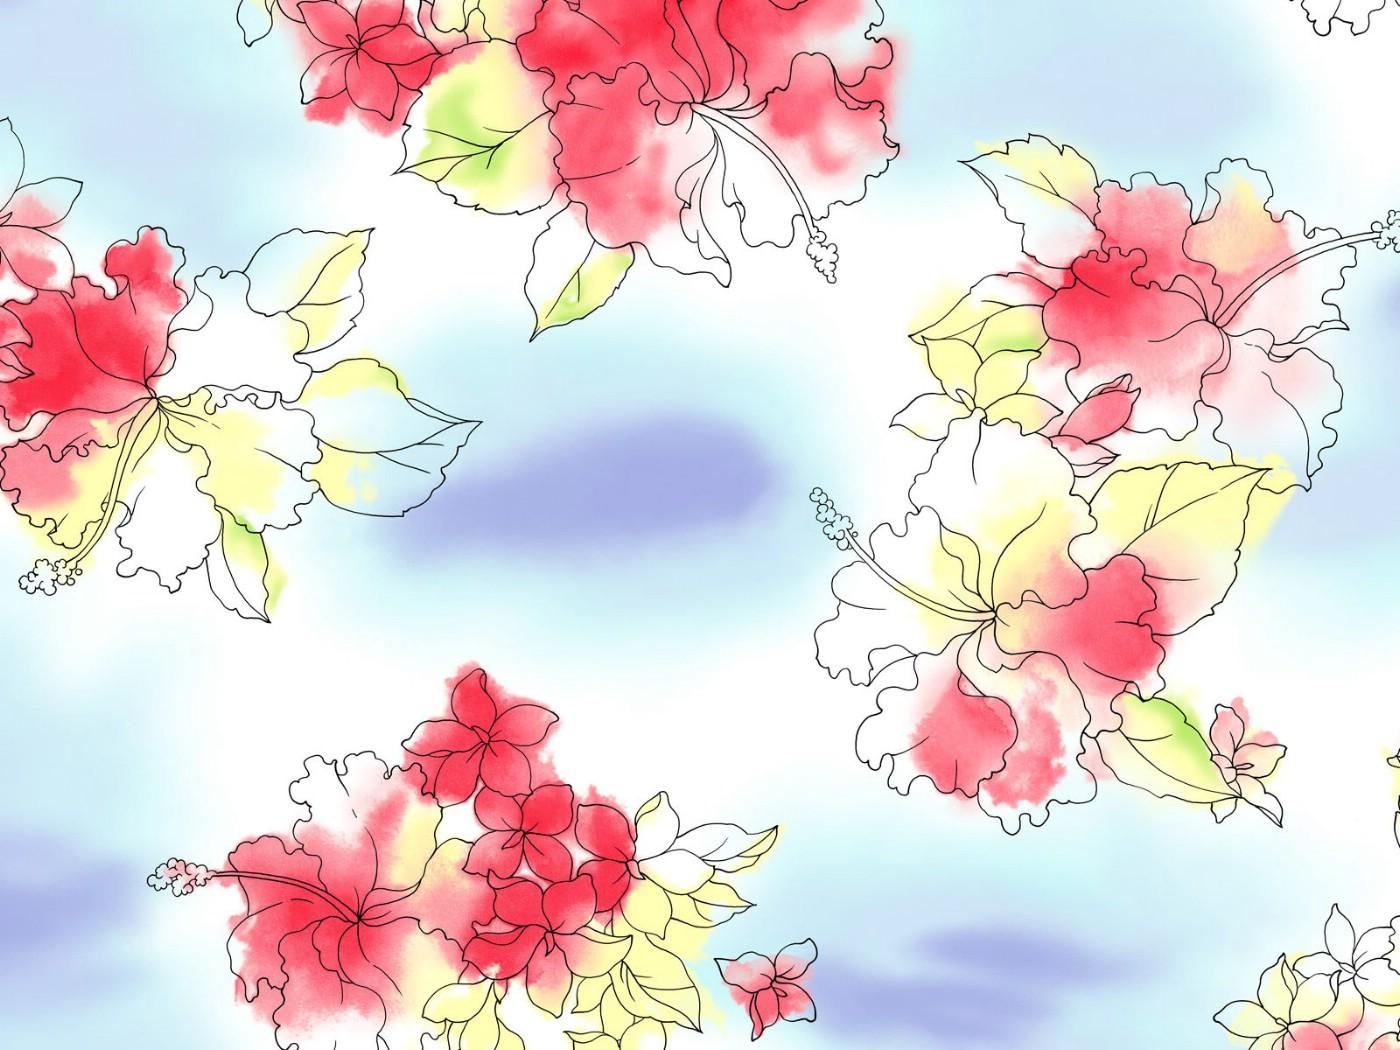 壁纸1400×1050甜美系 美丽花碎花图案设计壁纸 美丽碎花布 之 粉红甜美系壁纸图片花卉壁纸花卉图片素材桌面壁纸